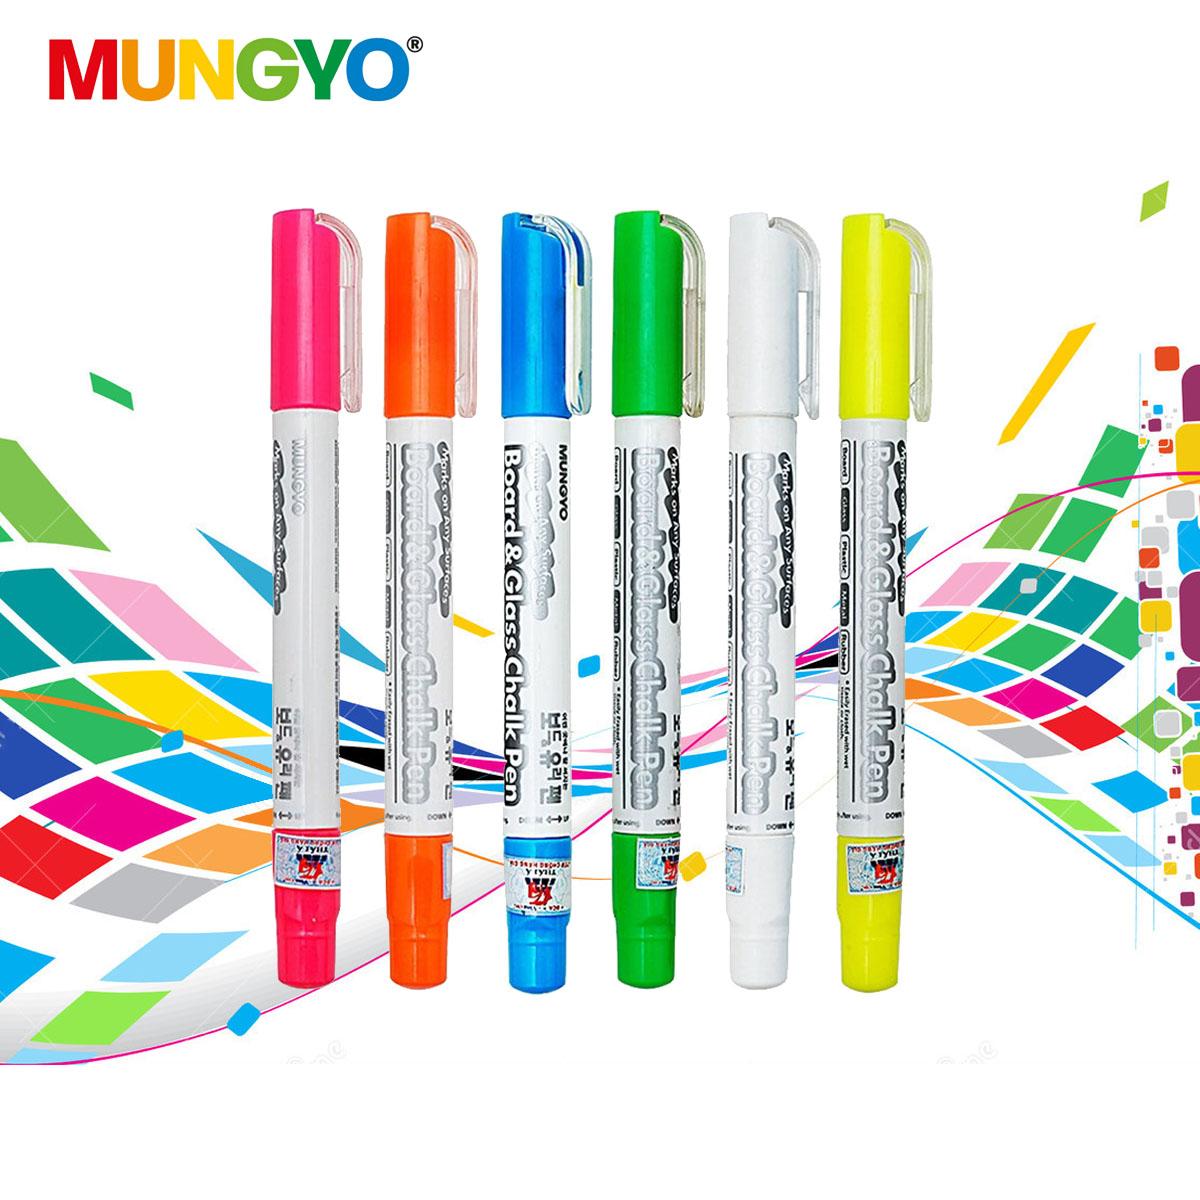 Bộ 6 cây phấn màu xoay Mungyo (MBG-6C)